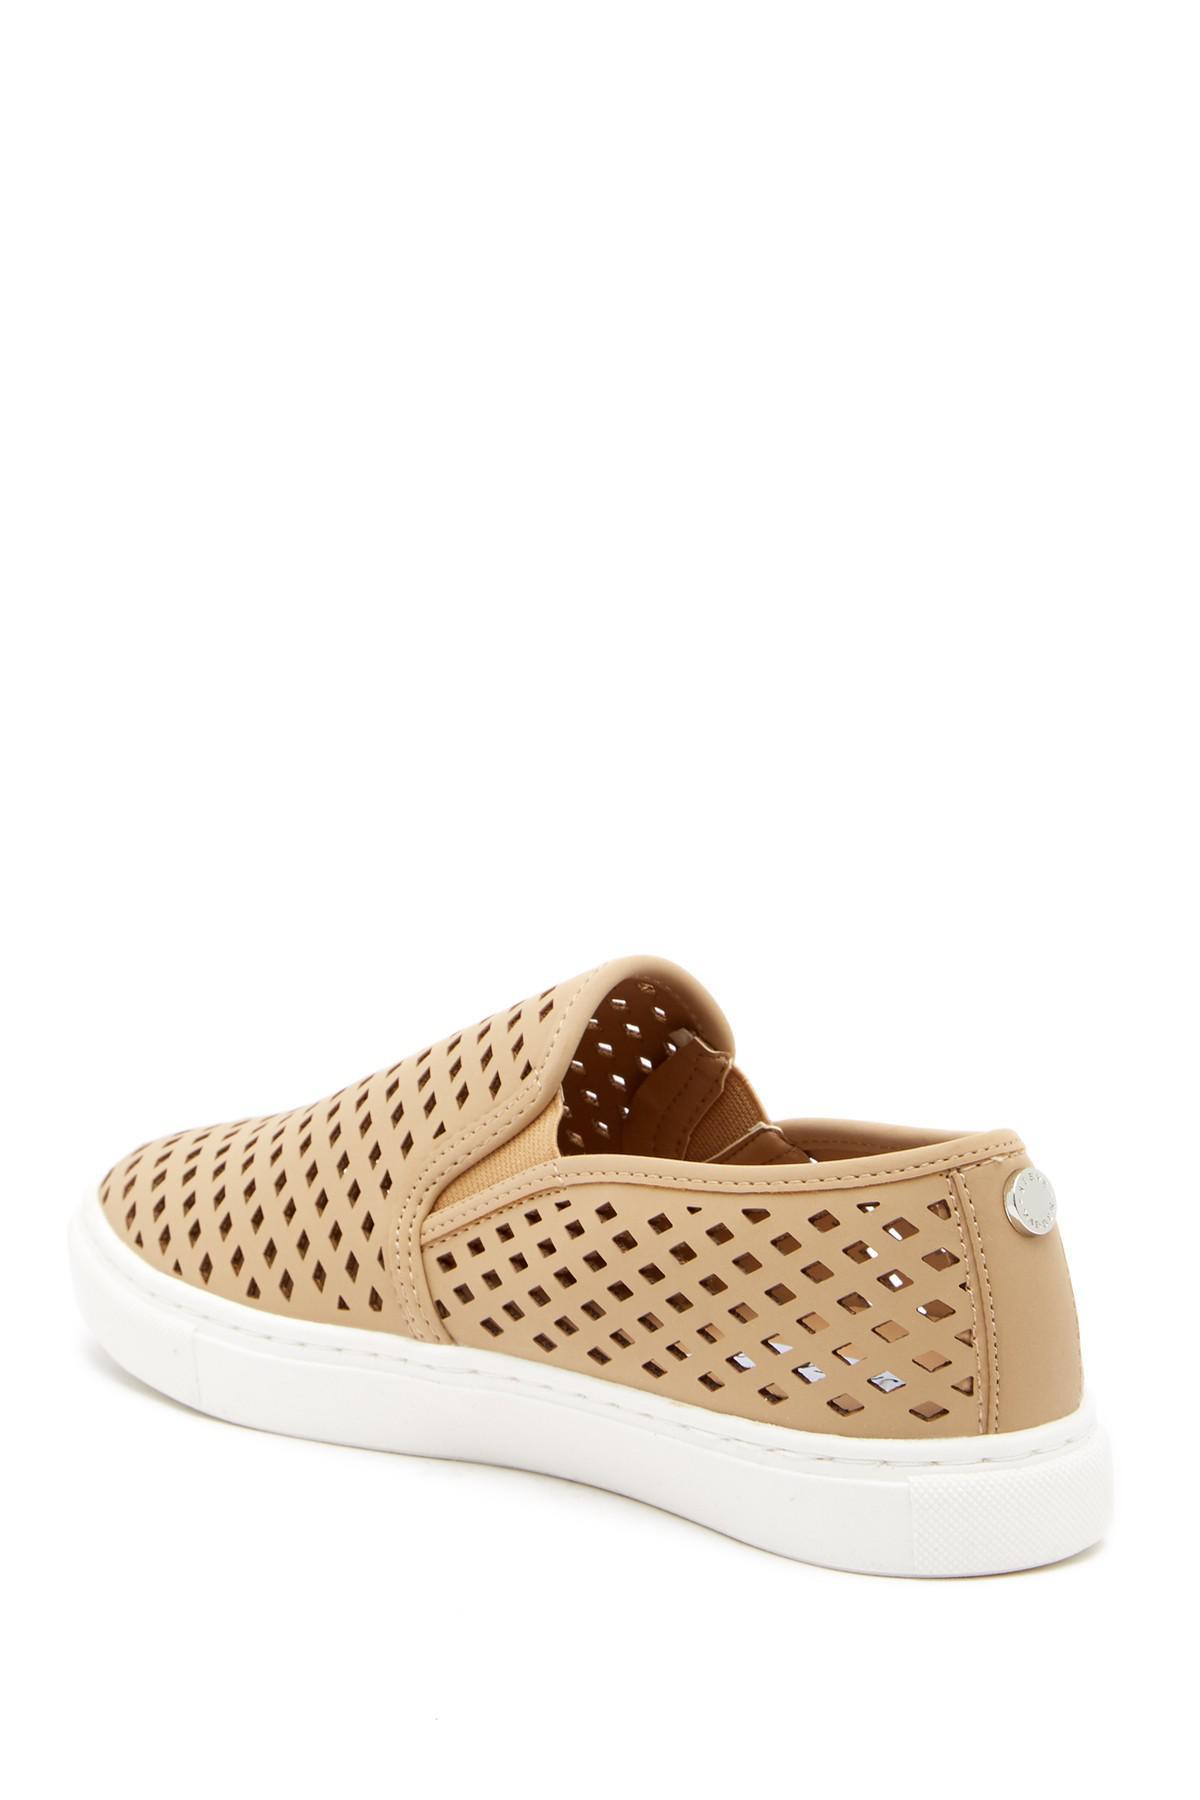 17214e522c3 Steve Madden - Natural Zeena Slip-on Sneaker - Lyst. View fullscreen